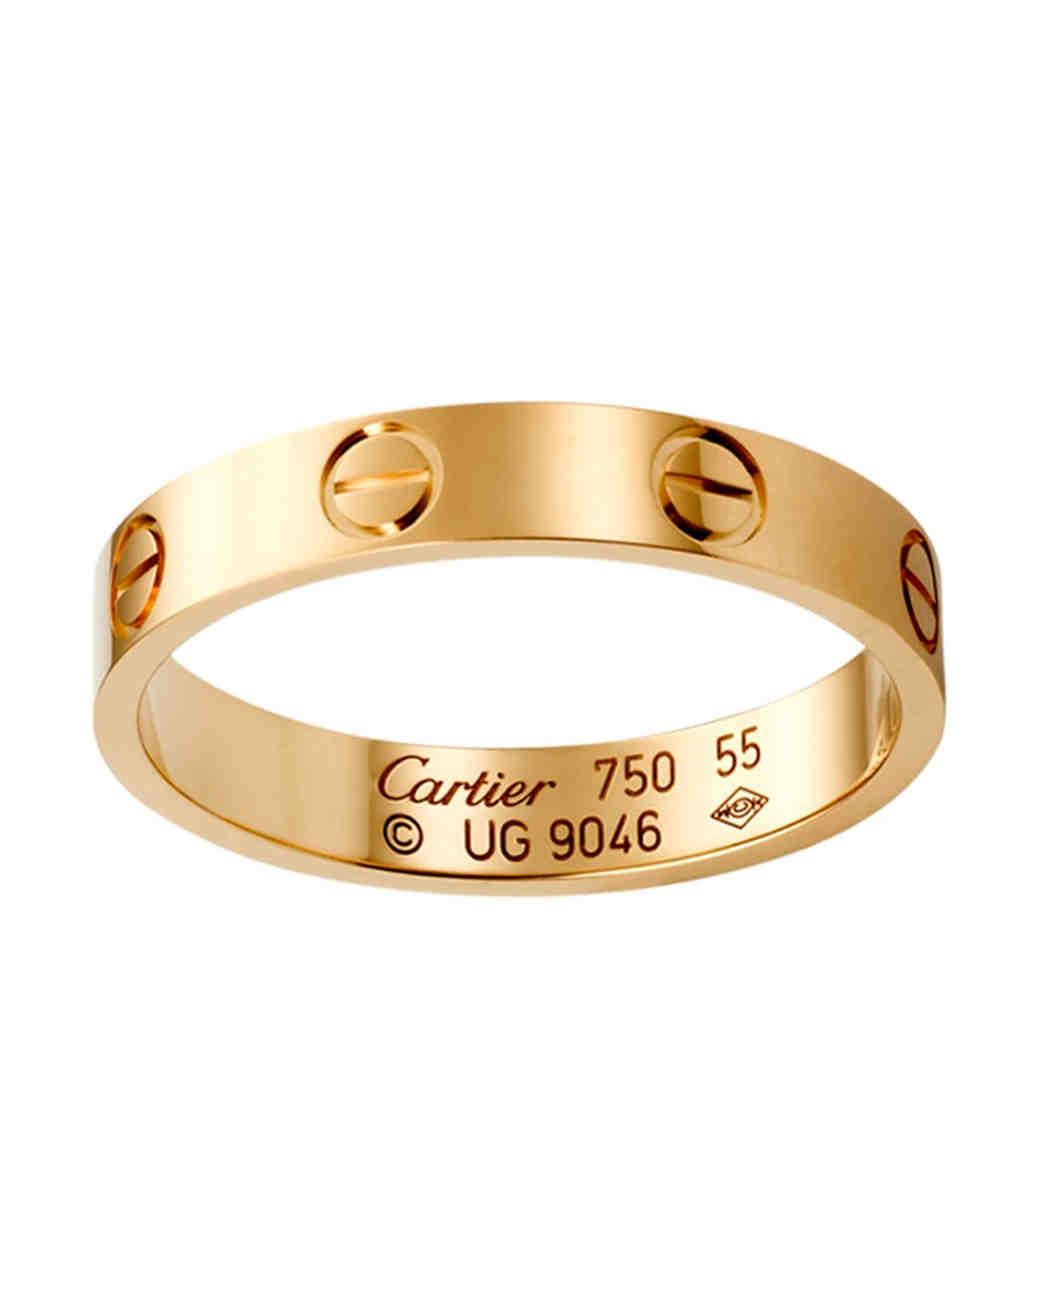 gold wedding bands women weve taken shine to women wedding band Cartier